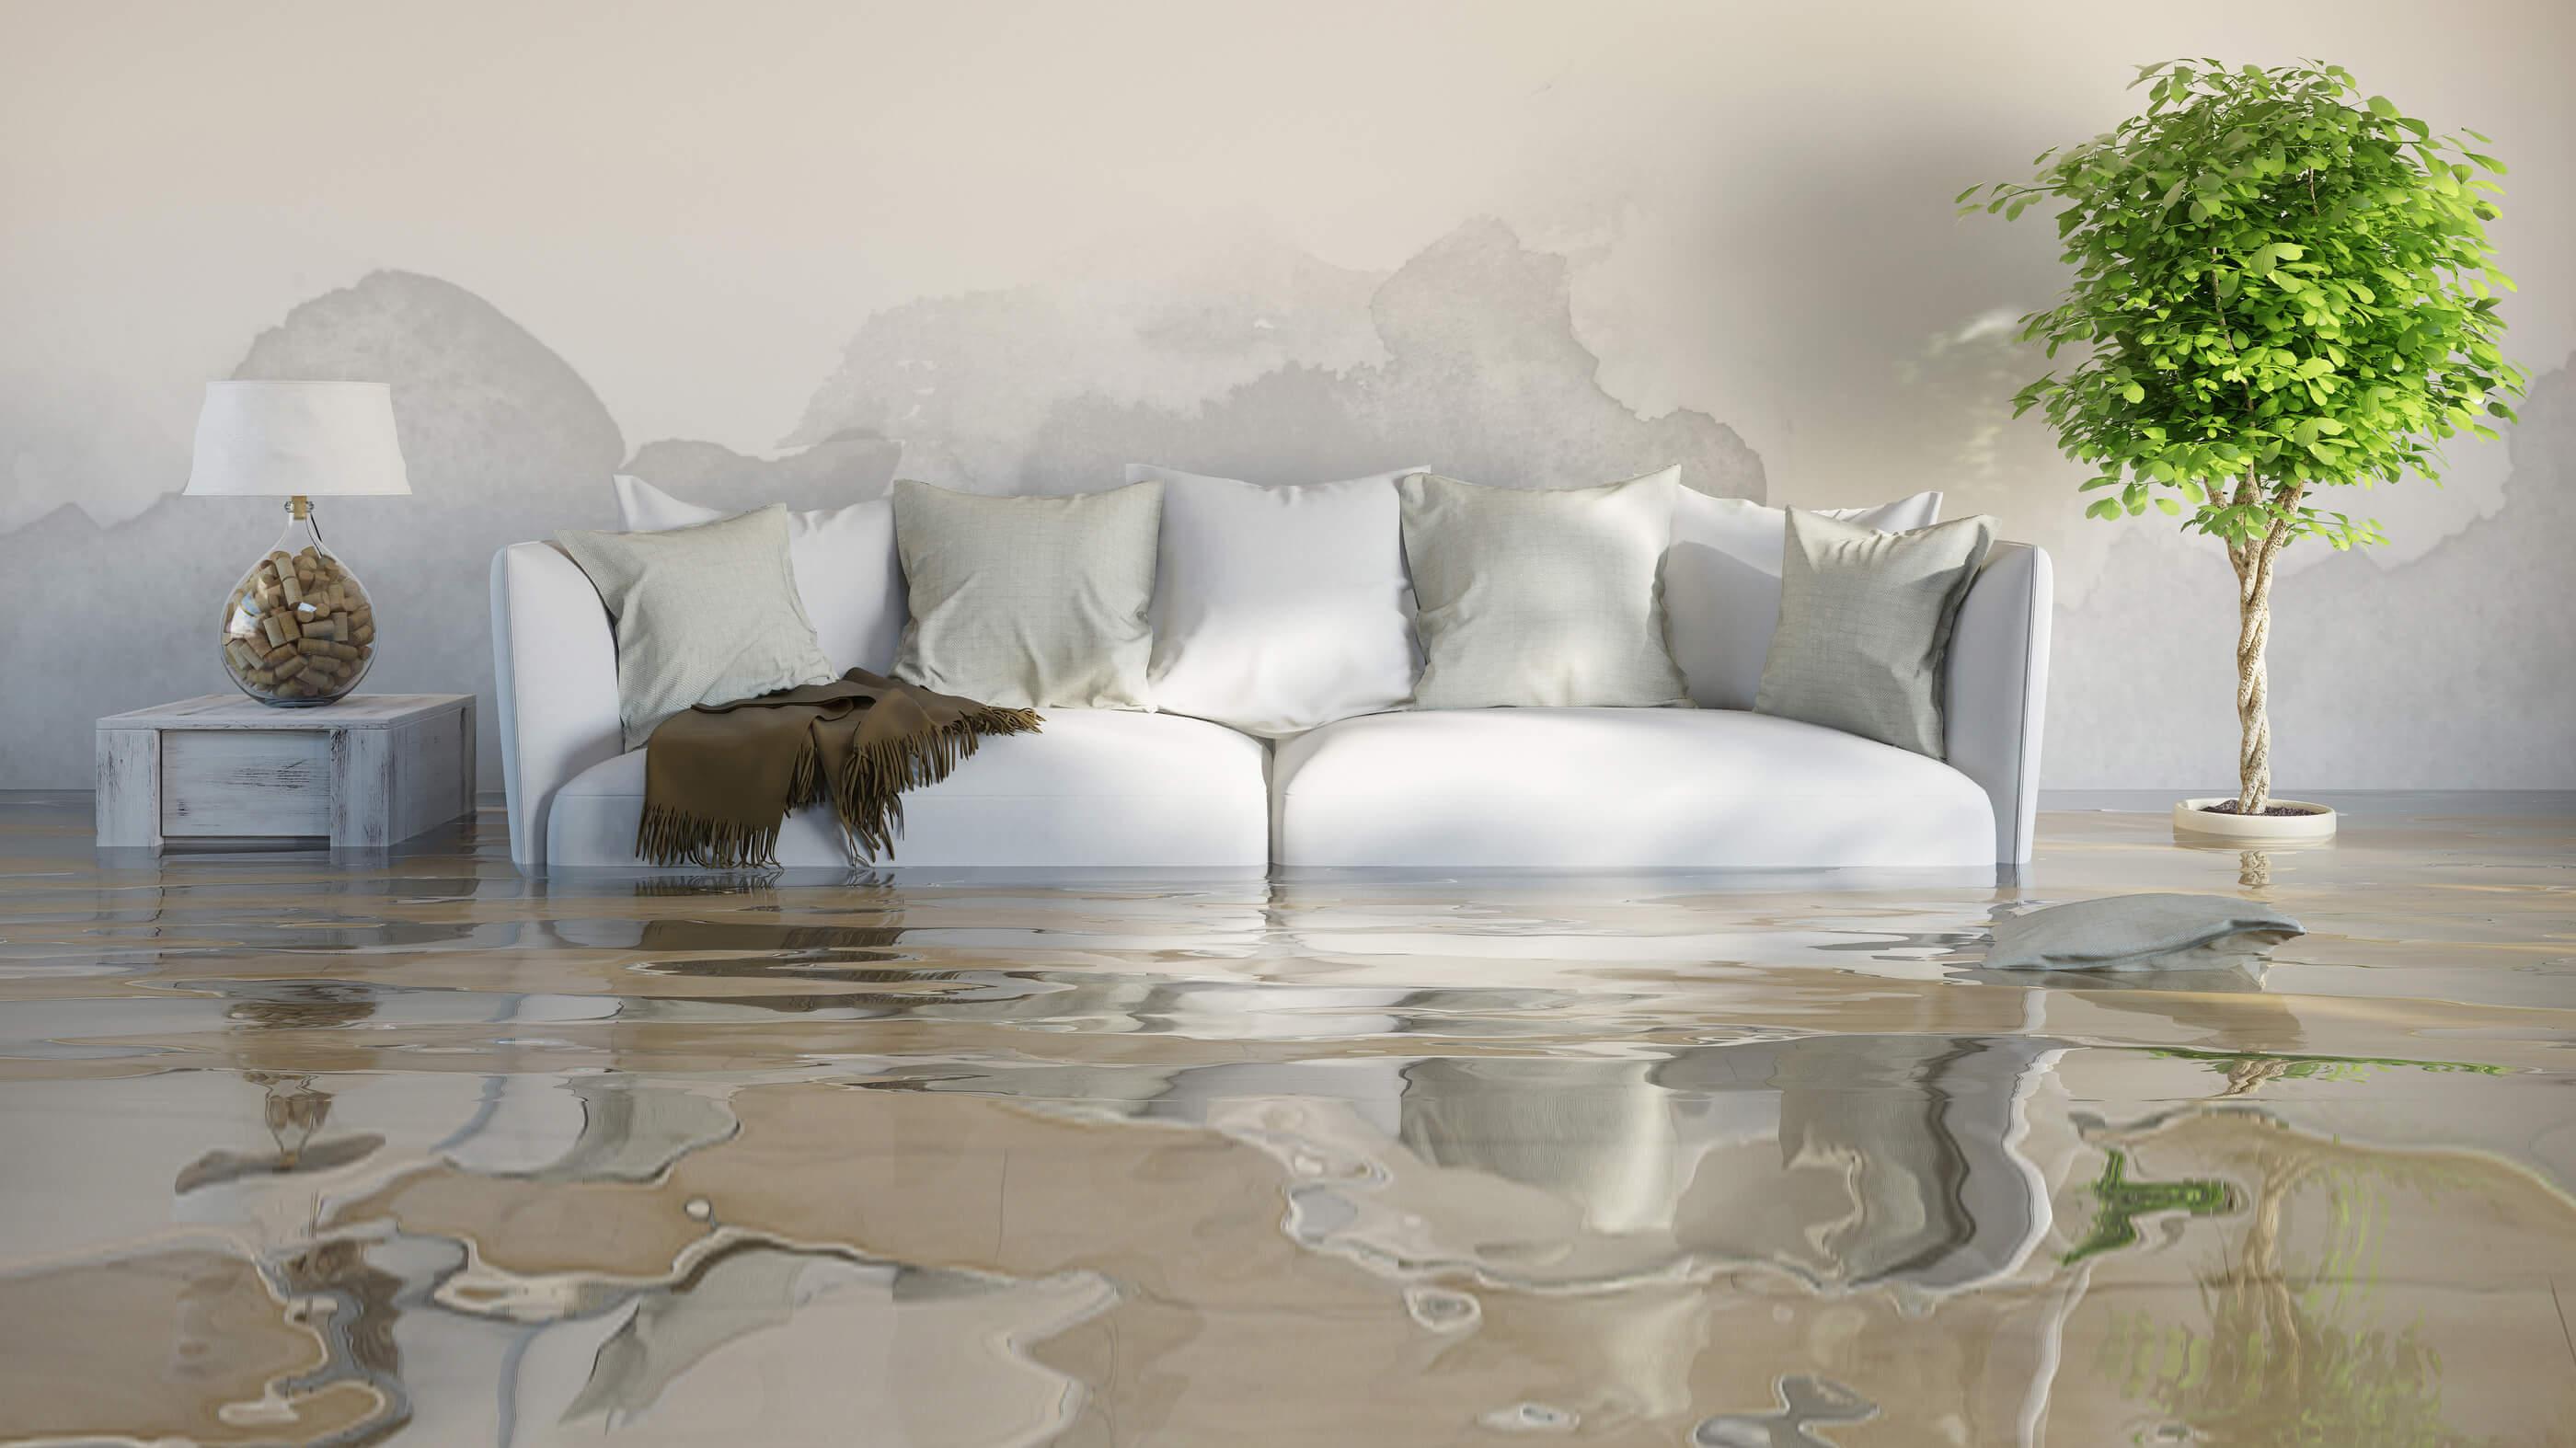 Ocean Beach Flood Service 619-787-0639 Water Damage Restoration